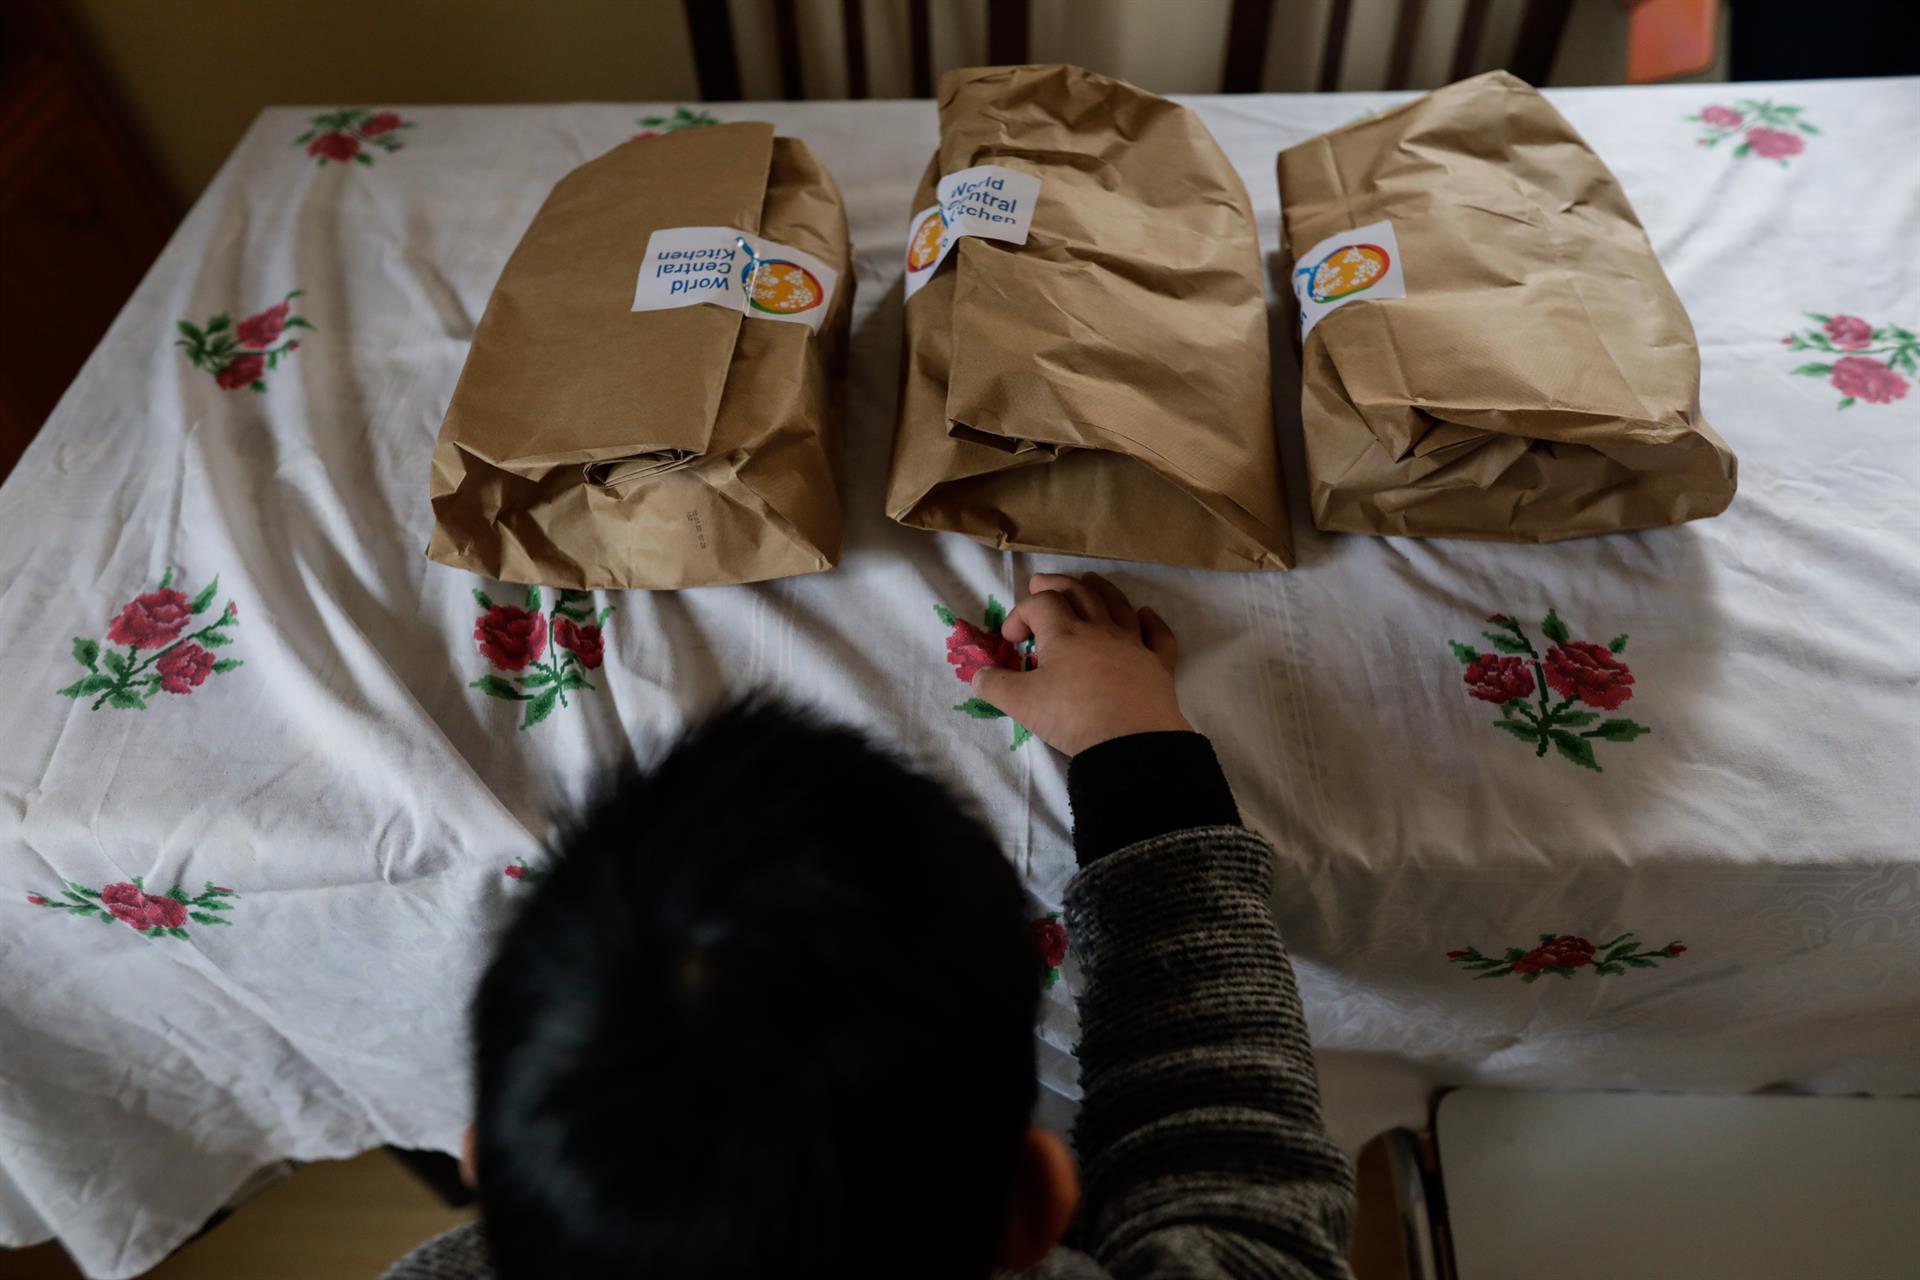 n niño durante la comida en su casa momentos antes de abrir el menú de la ONG del chef José Andrés, que reparte a las familias más necesitadas durante el estado de alarma provocado por el coronavirus (archivo). - Jesús Hellín - Europa Press - Archivo